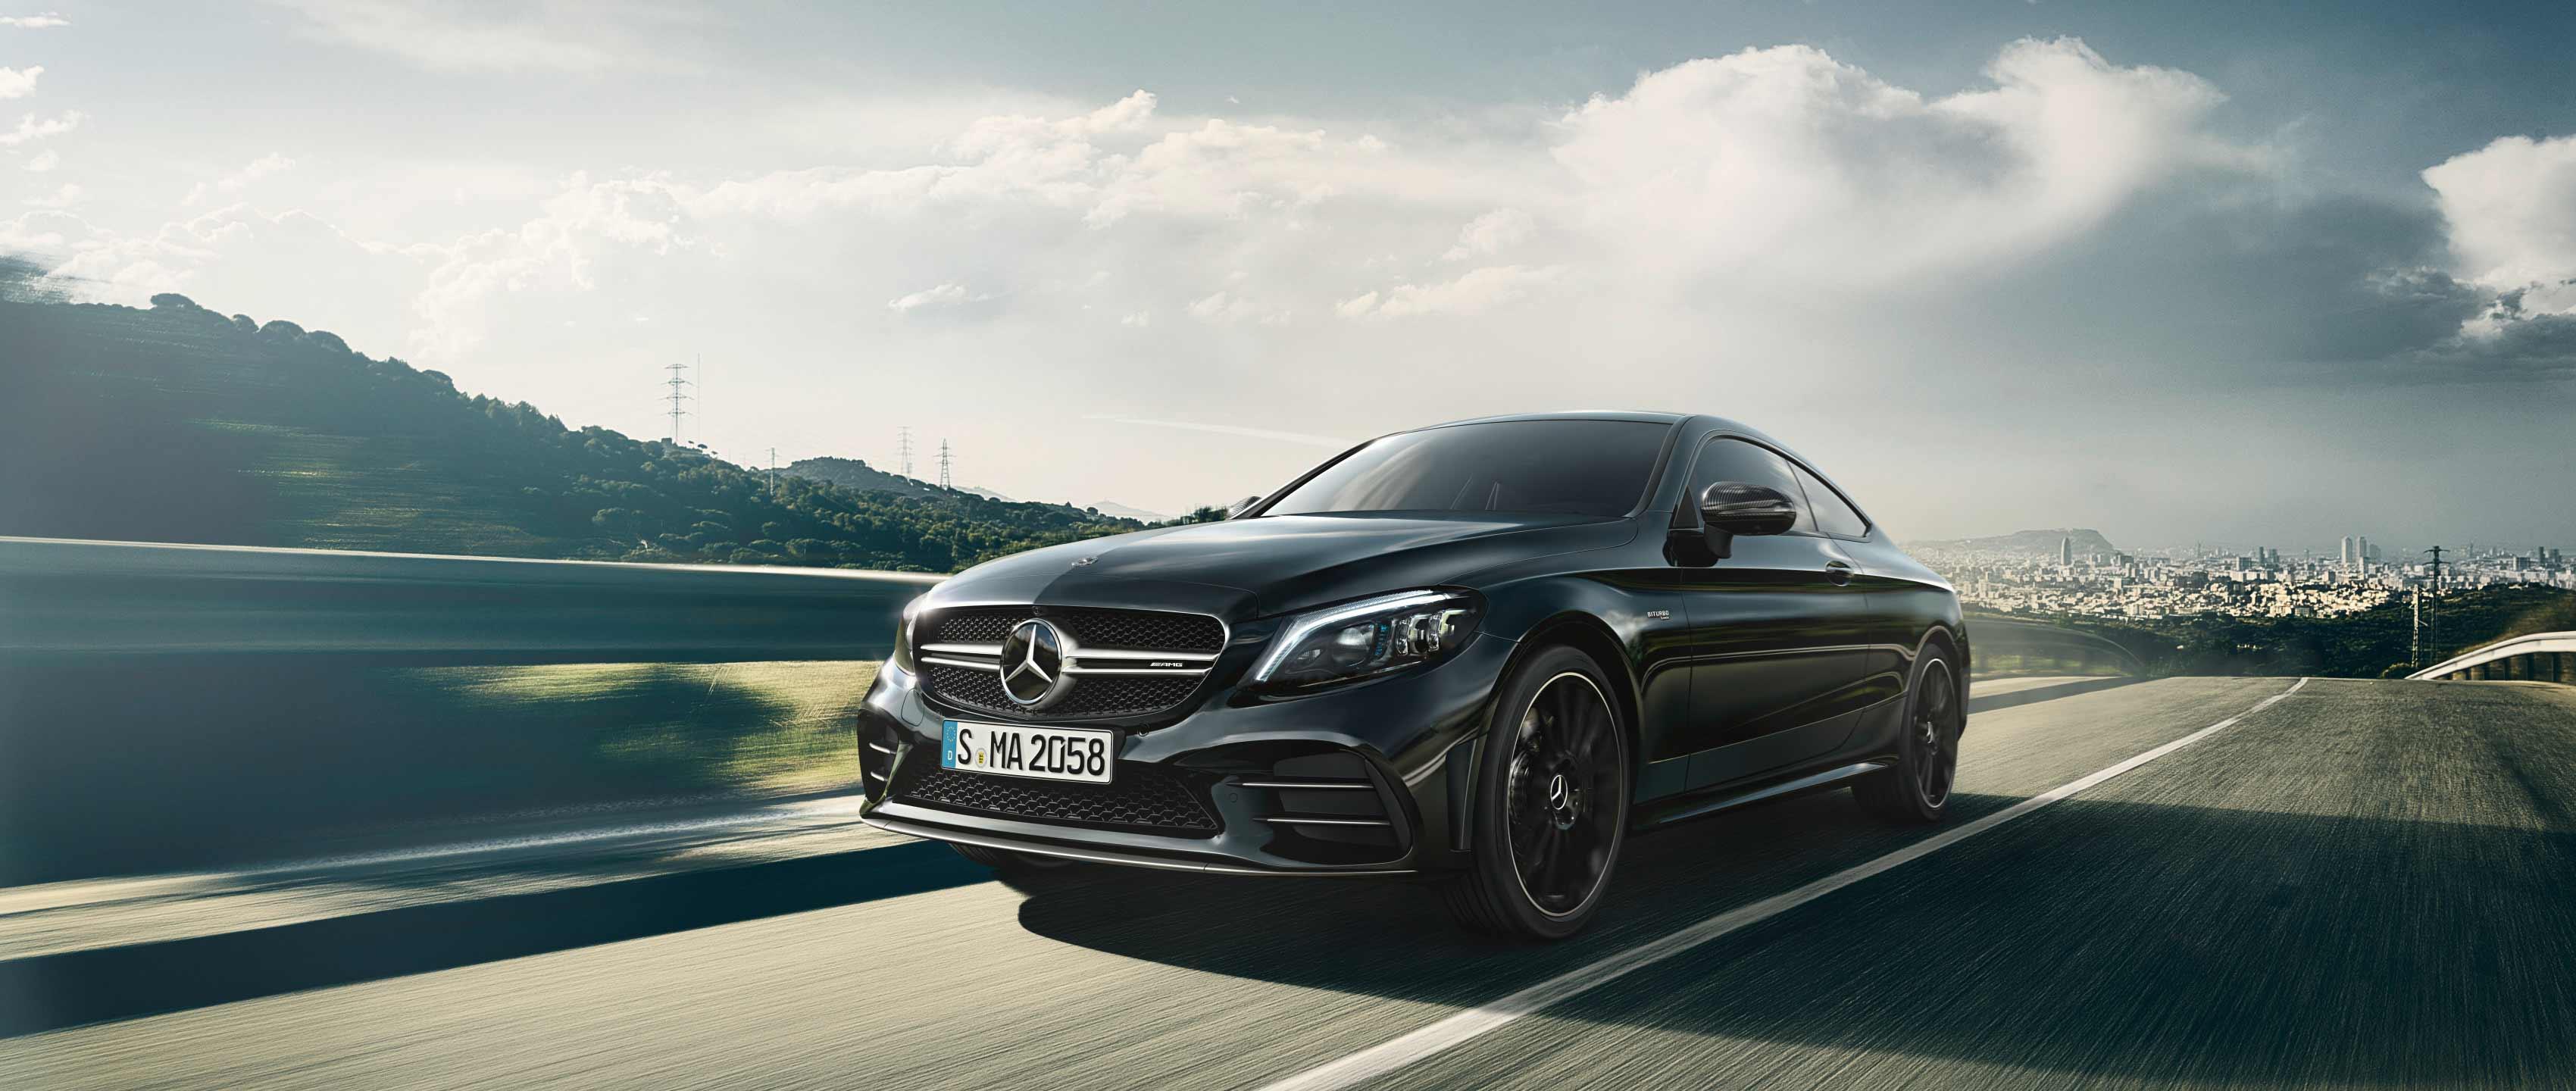 Оновлення C-Class: нові моделі Mercedes-AMG C 43 4MATIC